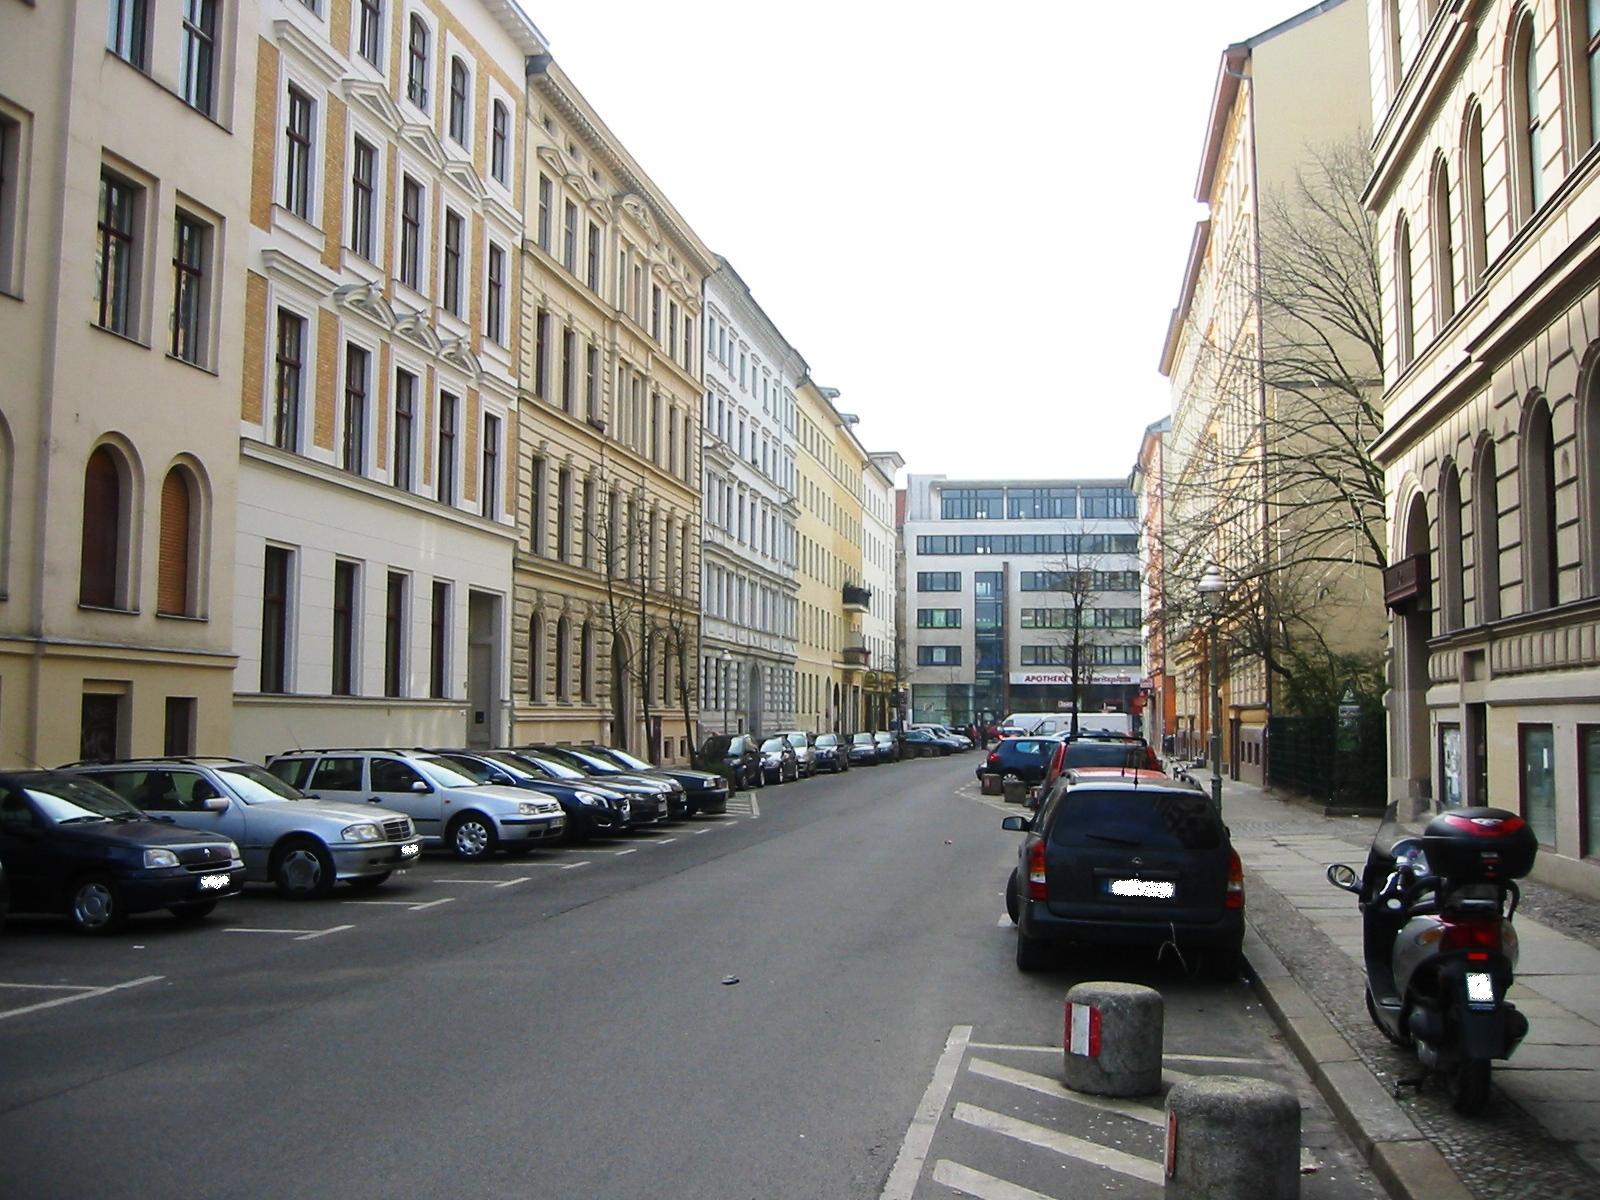 Luckauer Straße